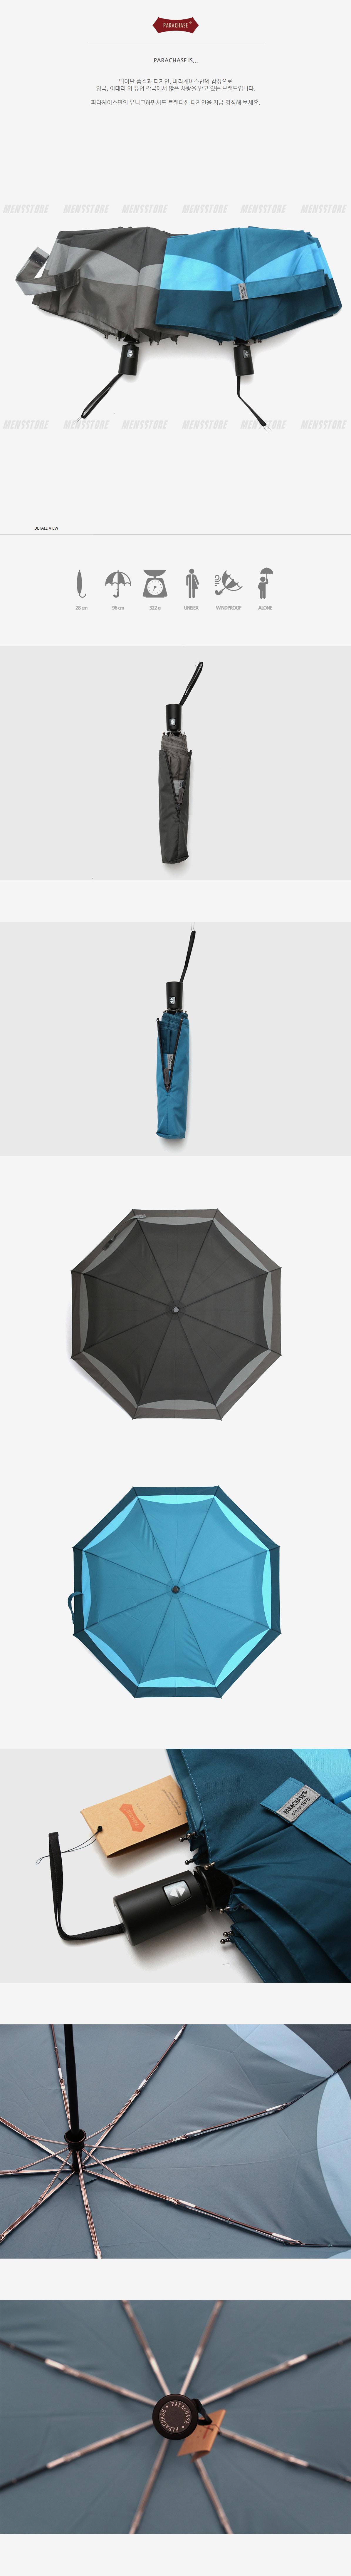 파라체이스(PARACHASE) 7341 배색 패턴  V1 전자동 3단 우산